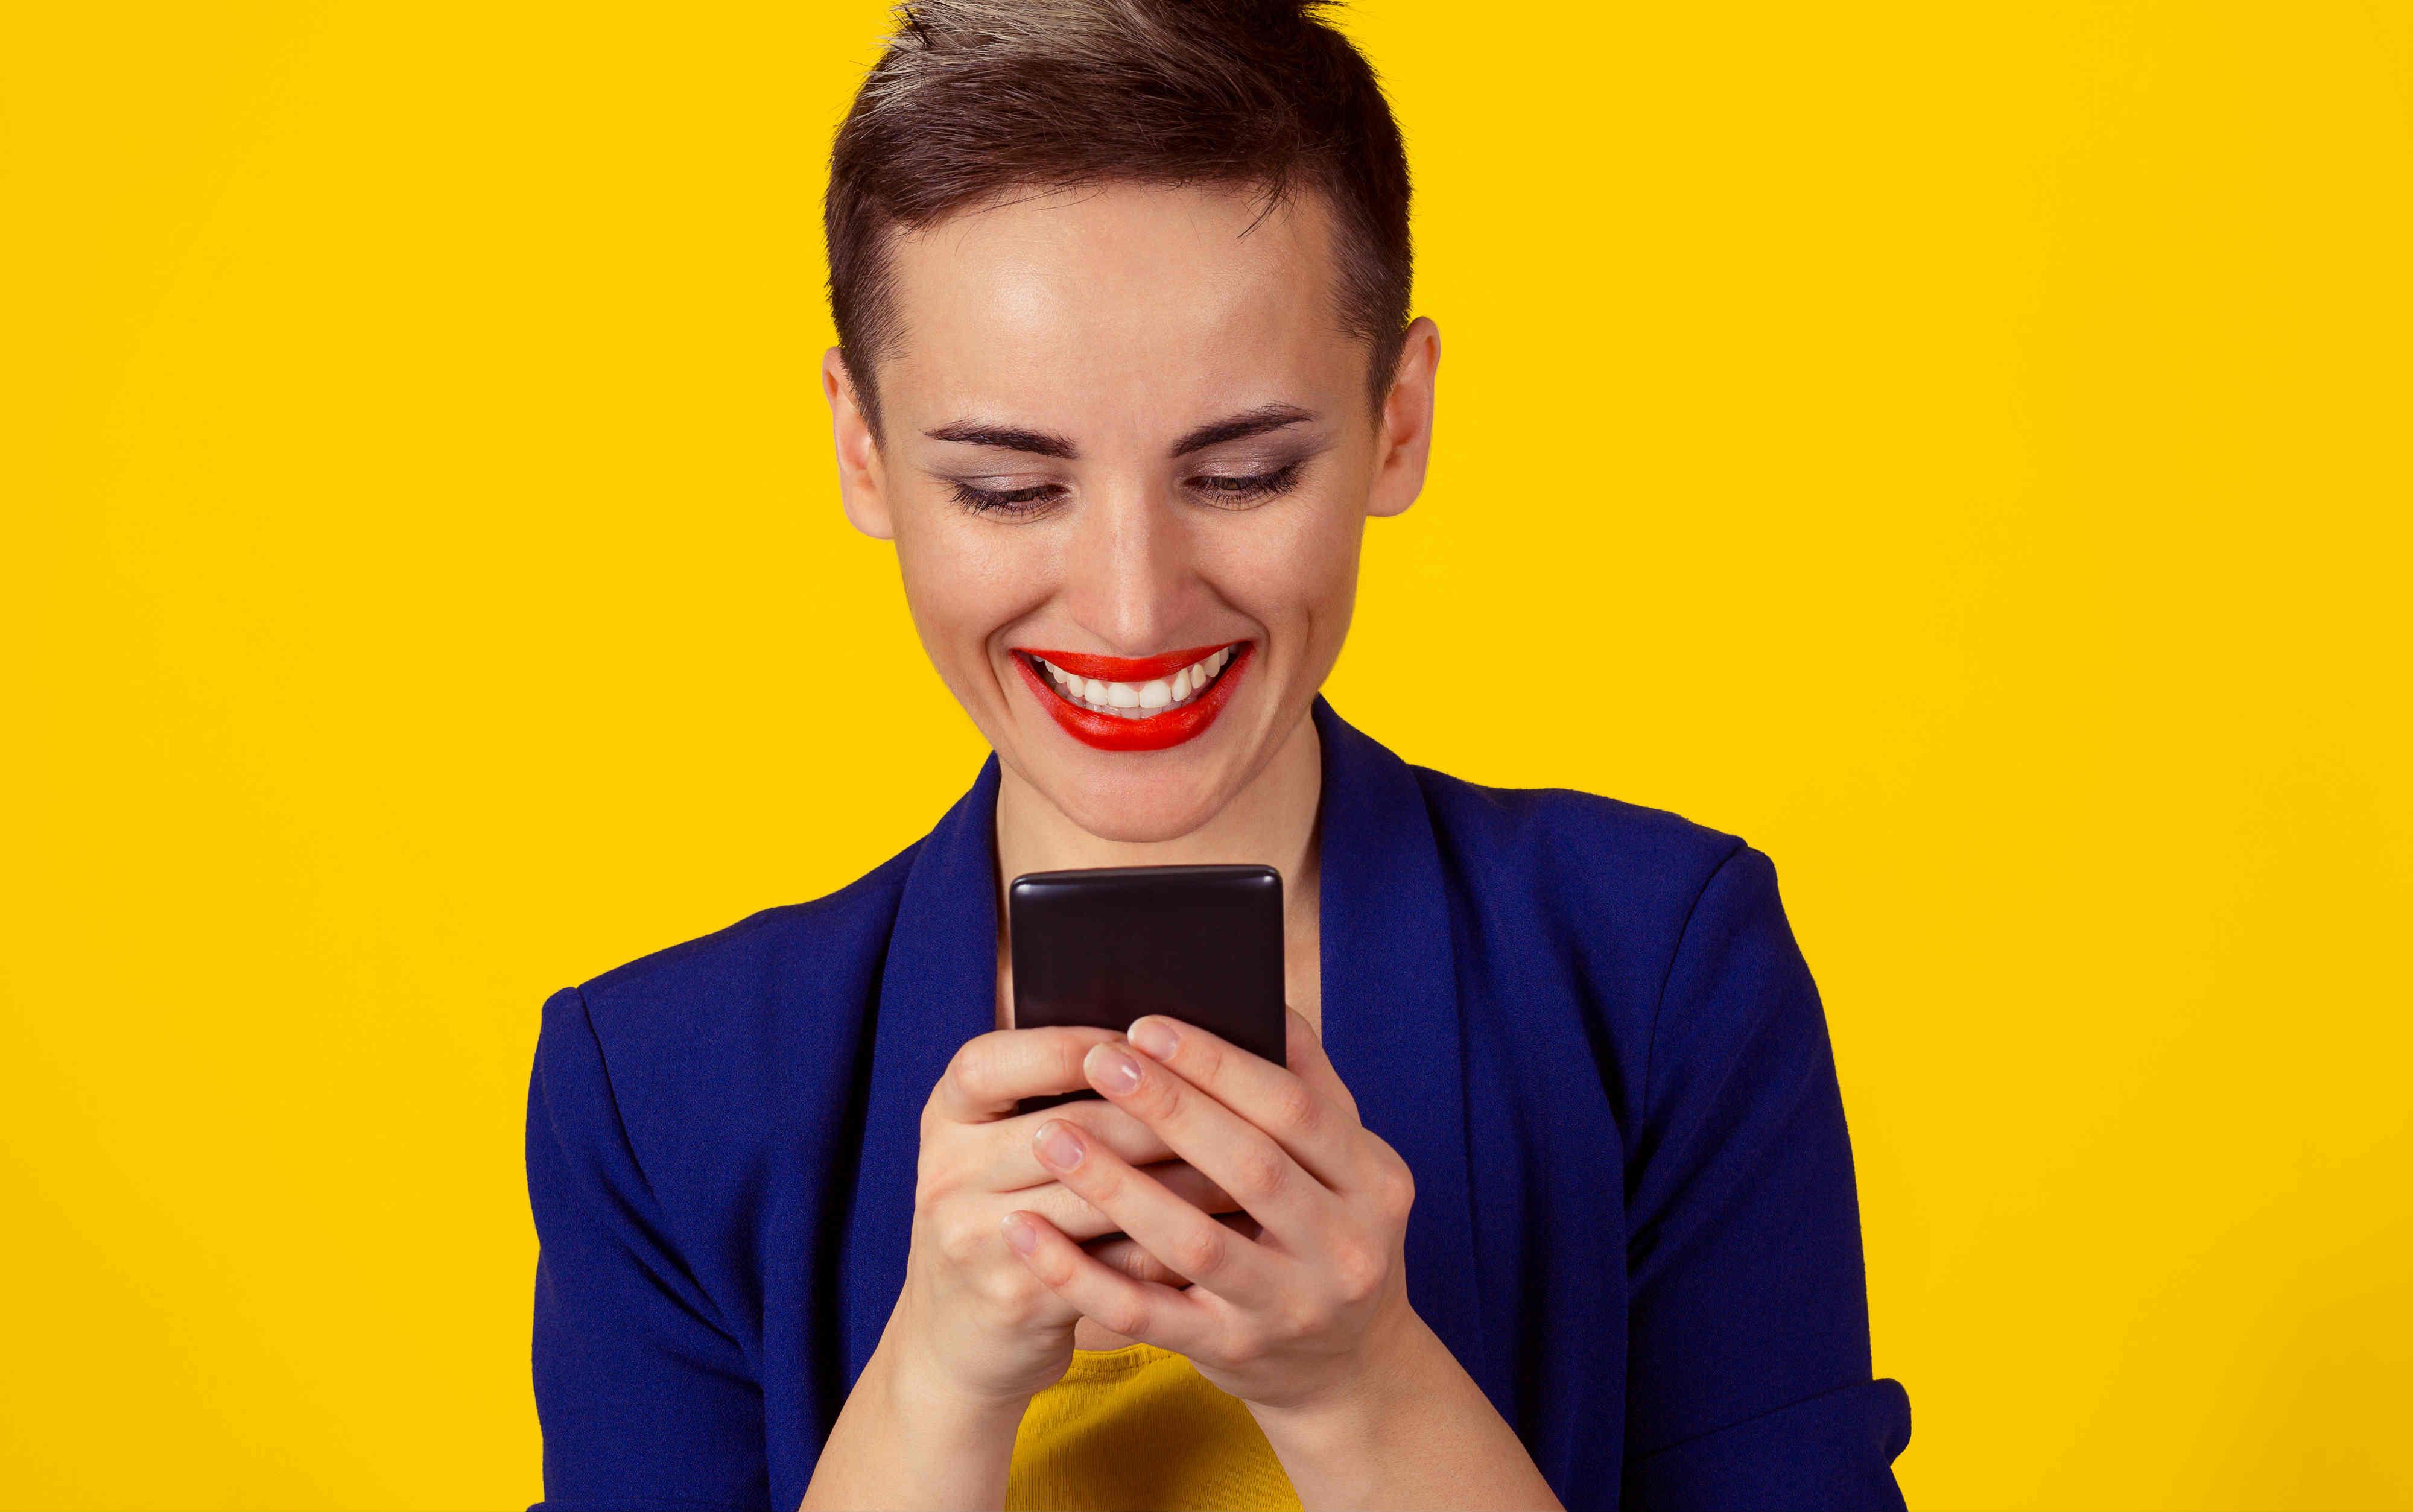 携帯会社の新規契約キャンペーンを徹底比較!最安2,480円!?